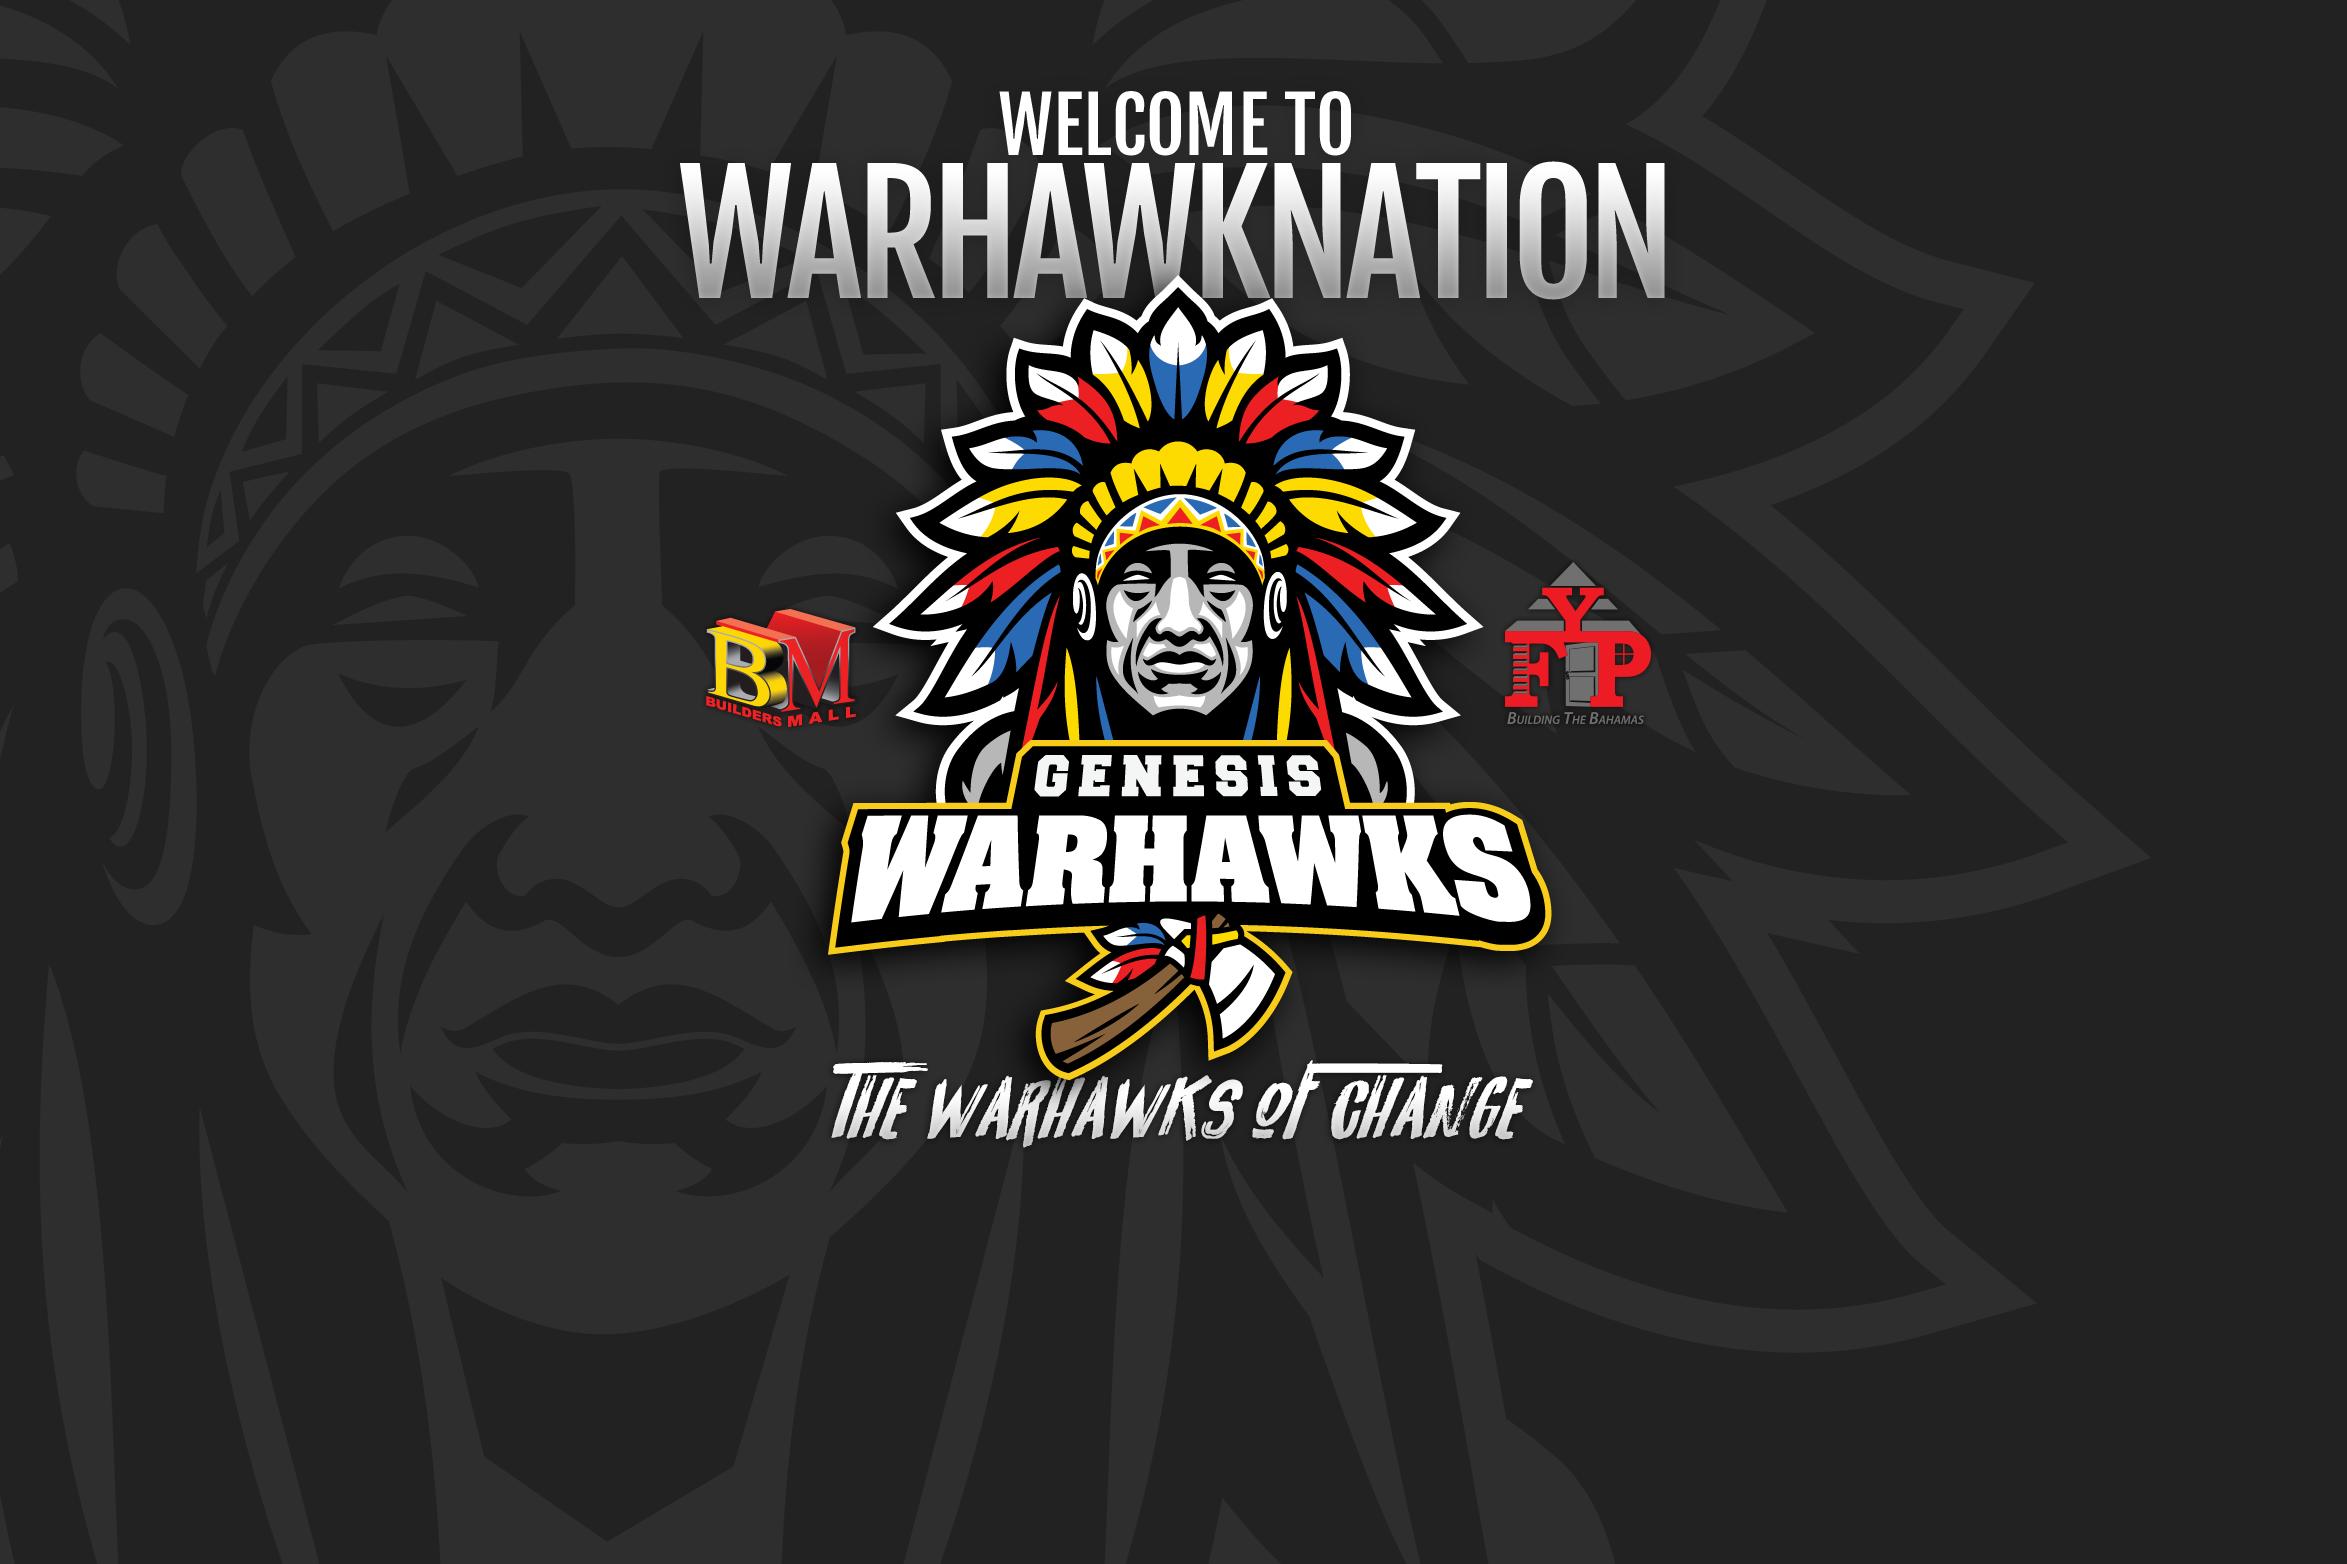 GJO-welcome-to-WARHAWKNATION_update-2020_final